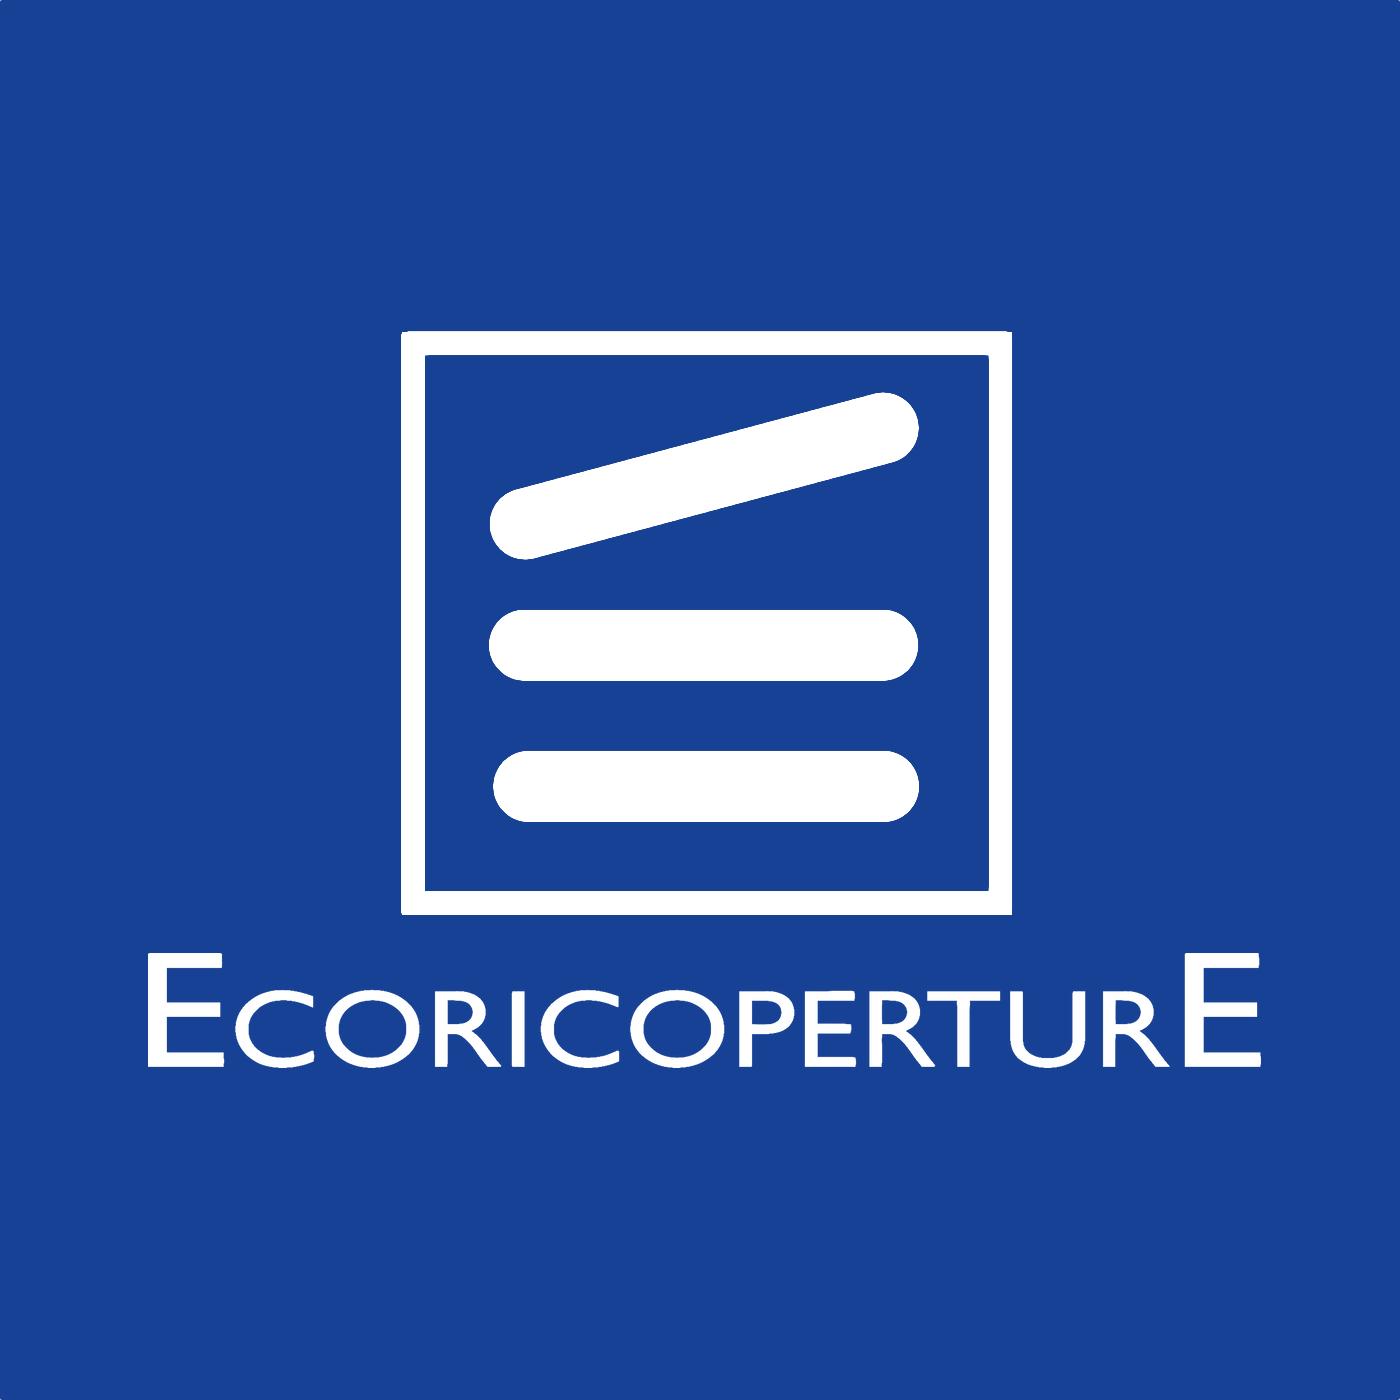 Ecoricoperture